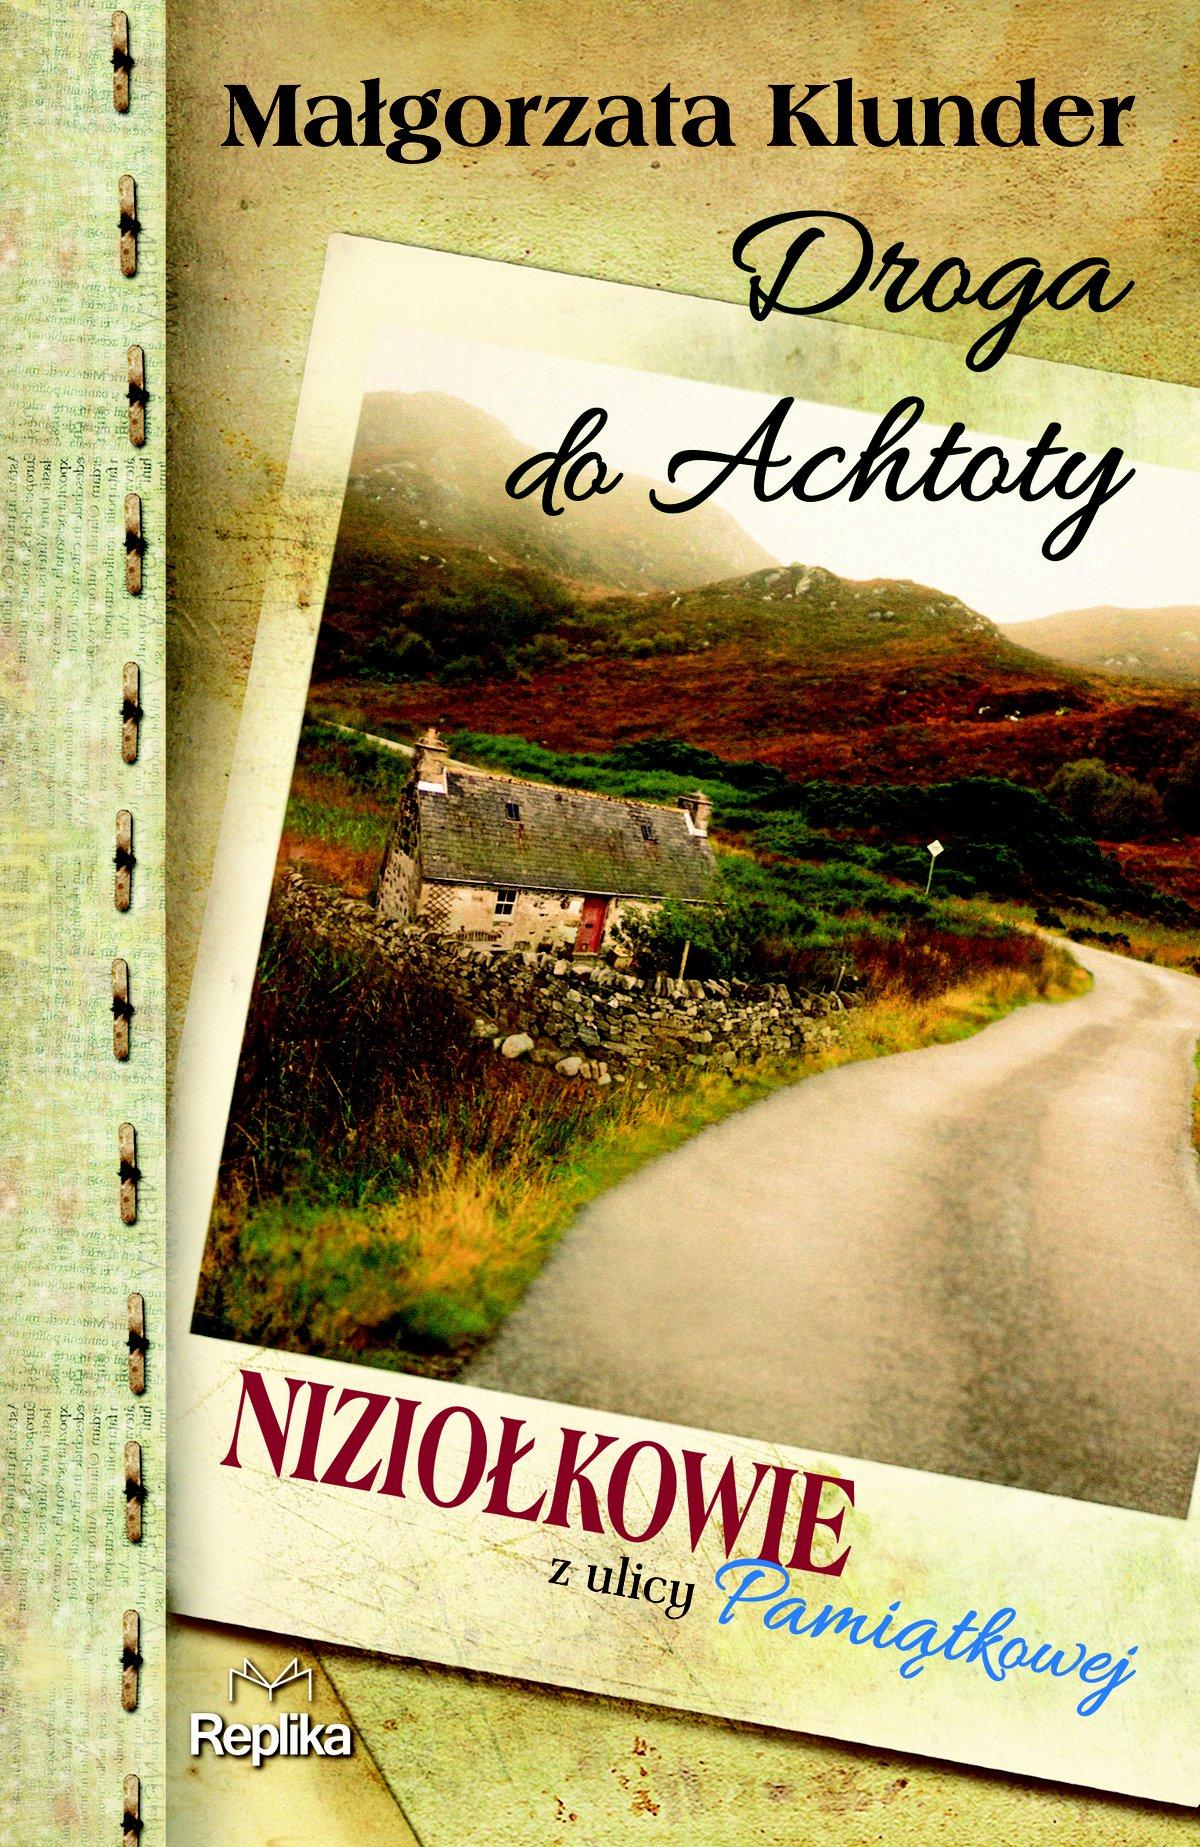 Droga do Achtoty - Ebook (Książka na Kindle) do pobrania w formacie MOBI